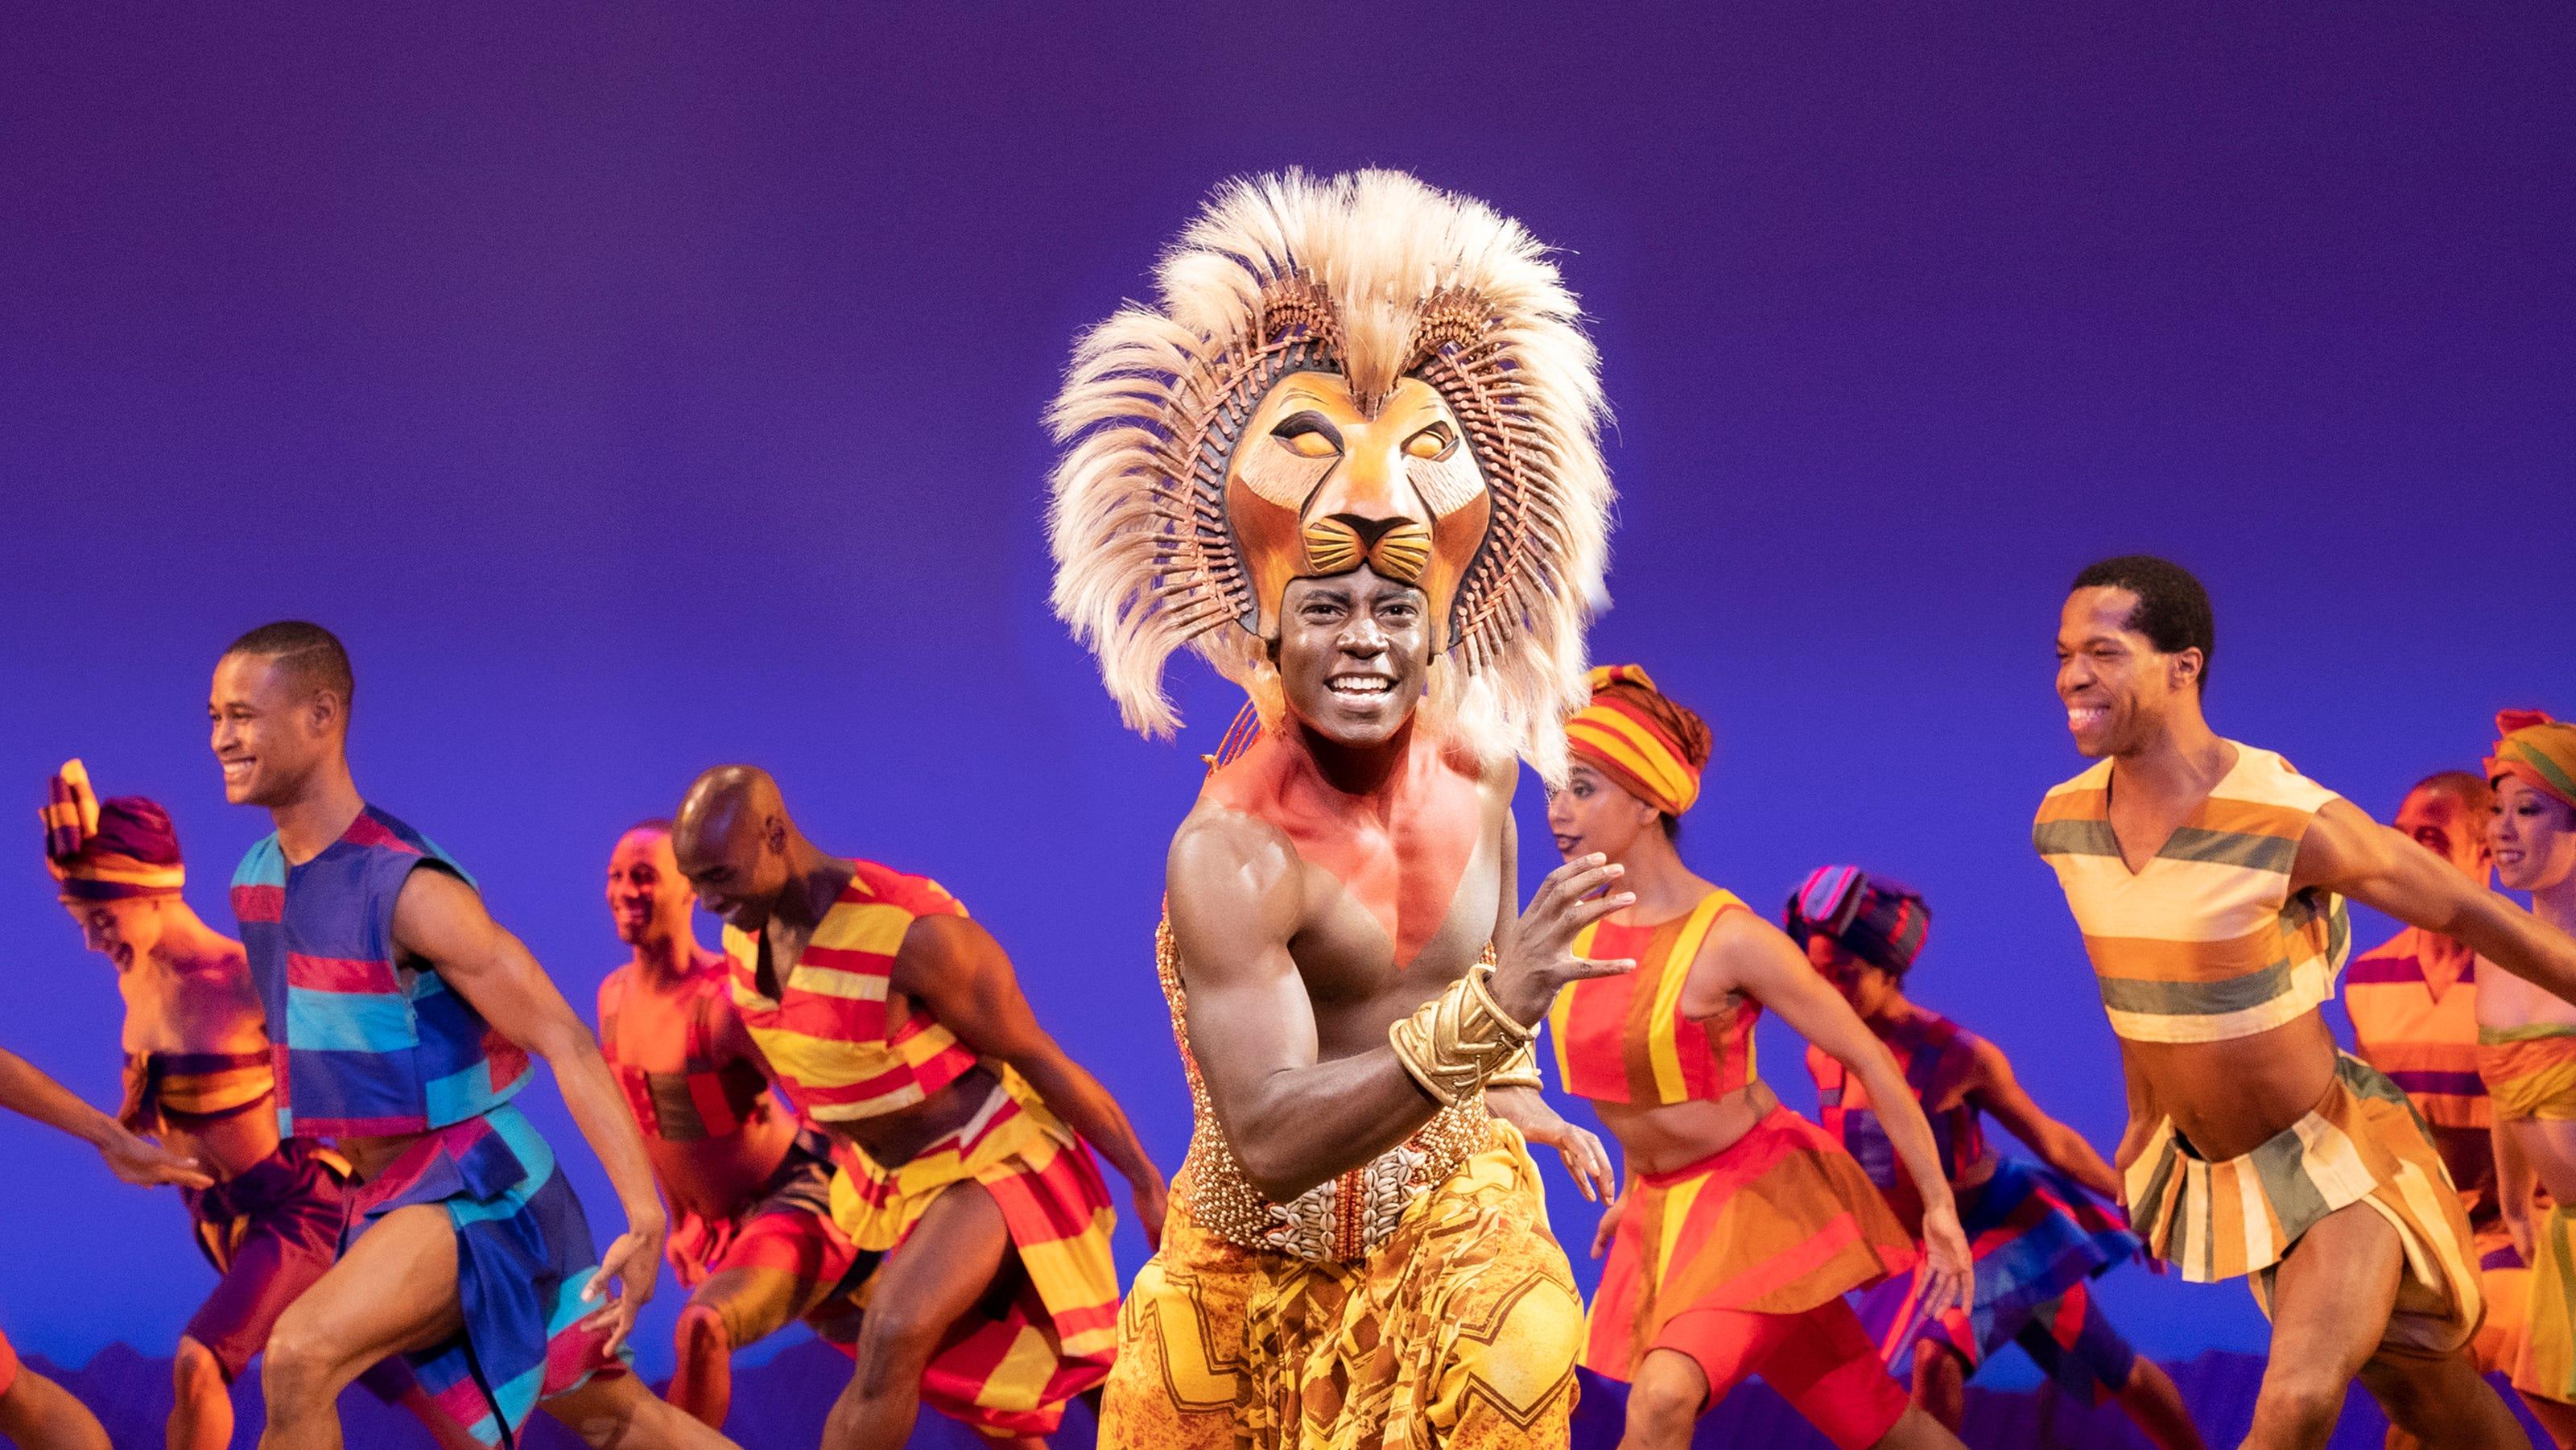 99cd6dbf 349e 4d98 bb8d 9fd62a2f7377 3Brandon A  McCall The Lion King  Disney  Photo by Deen van Meer jpg?crop=3961,2229,x0,y736&width=3200&height=1801&format=pjpg&auto=webp.